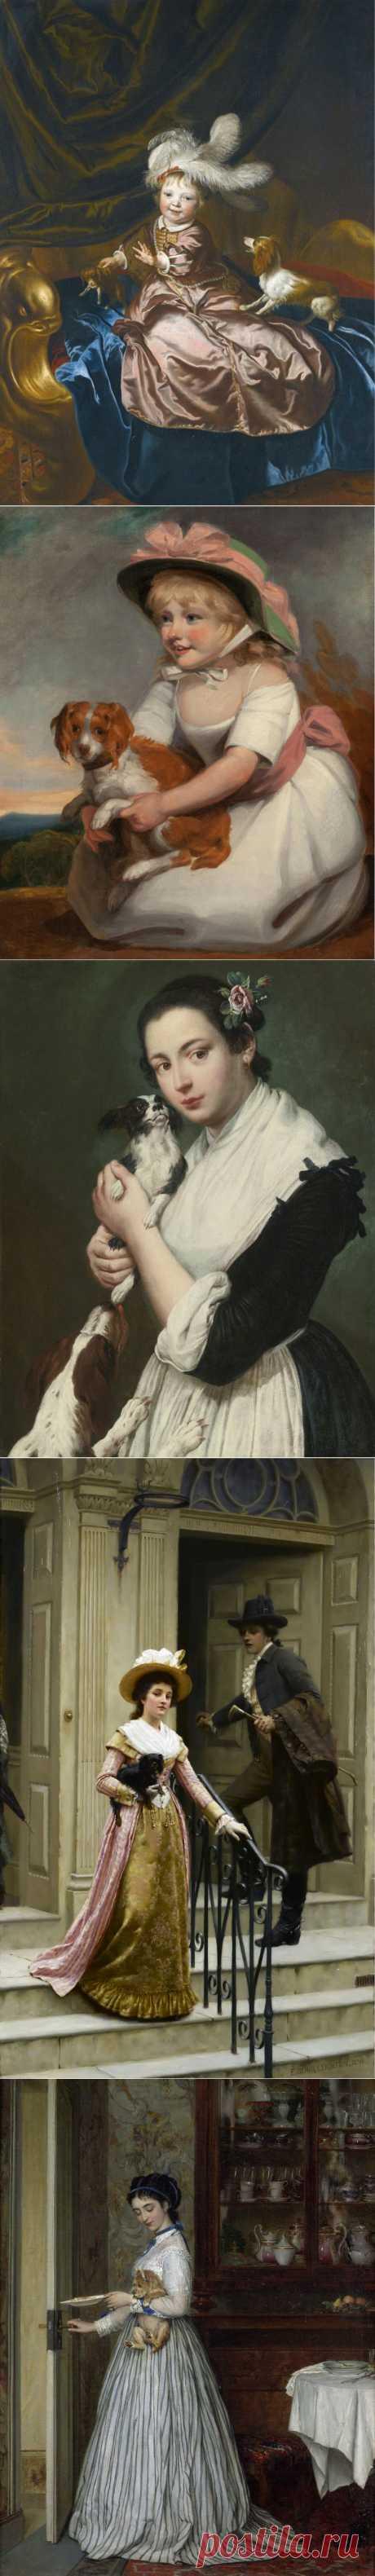 Вернисаж живописи 17-19 веков - из цикла *Наши любимцы*.